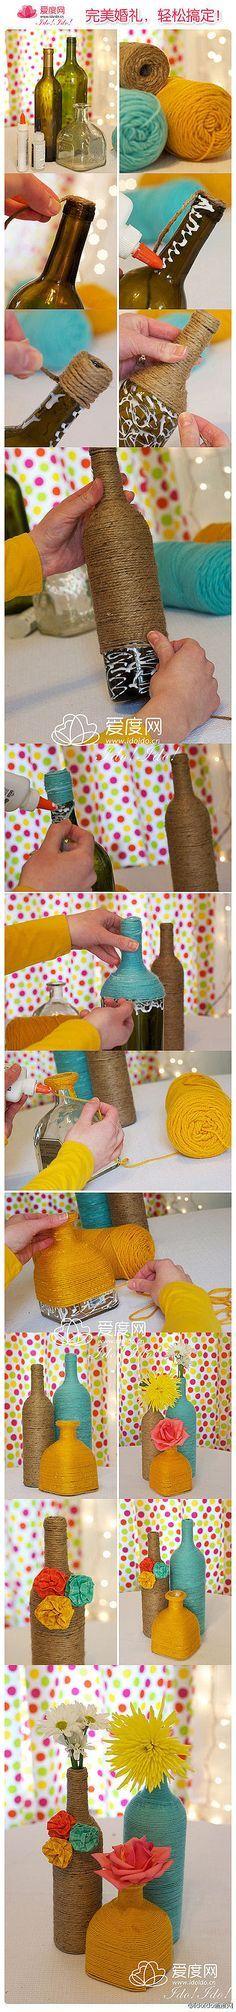 yarn around bottles!